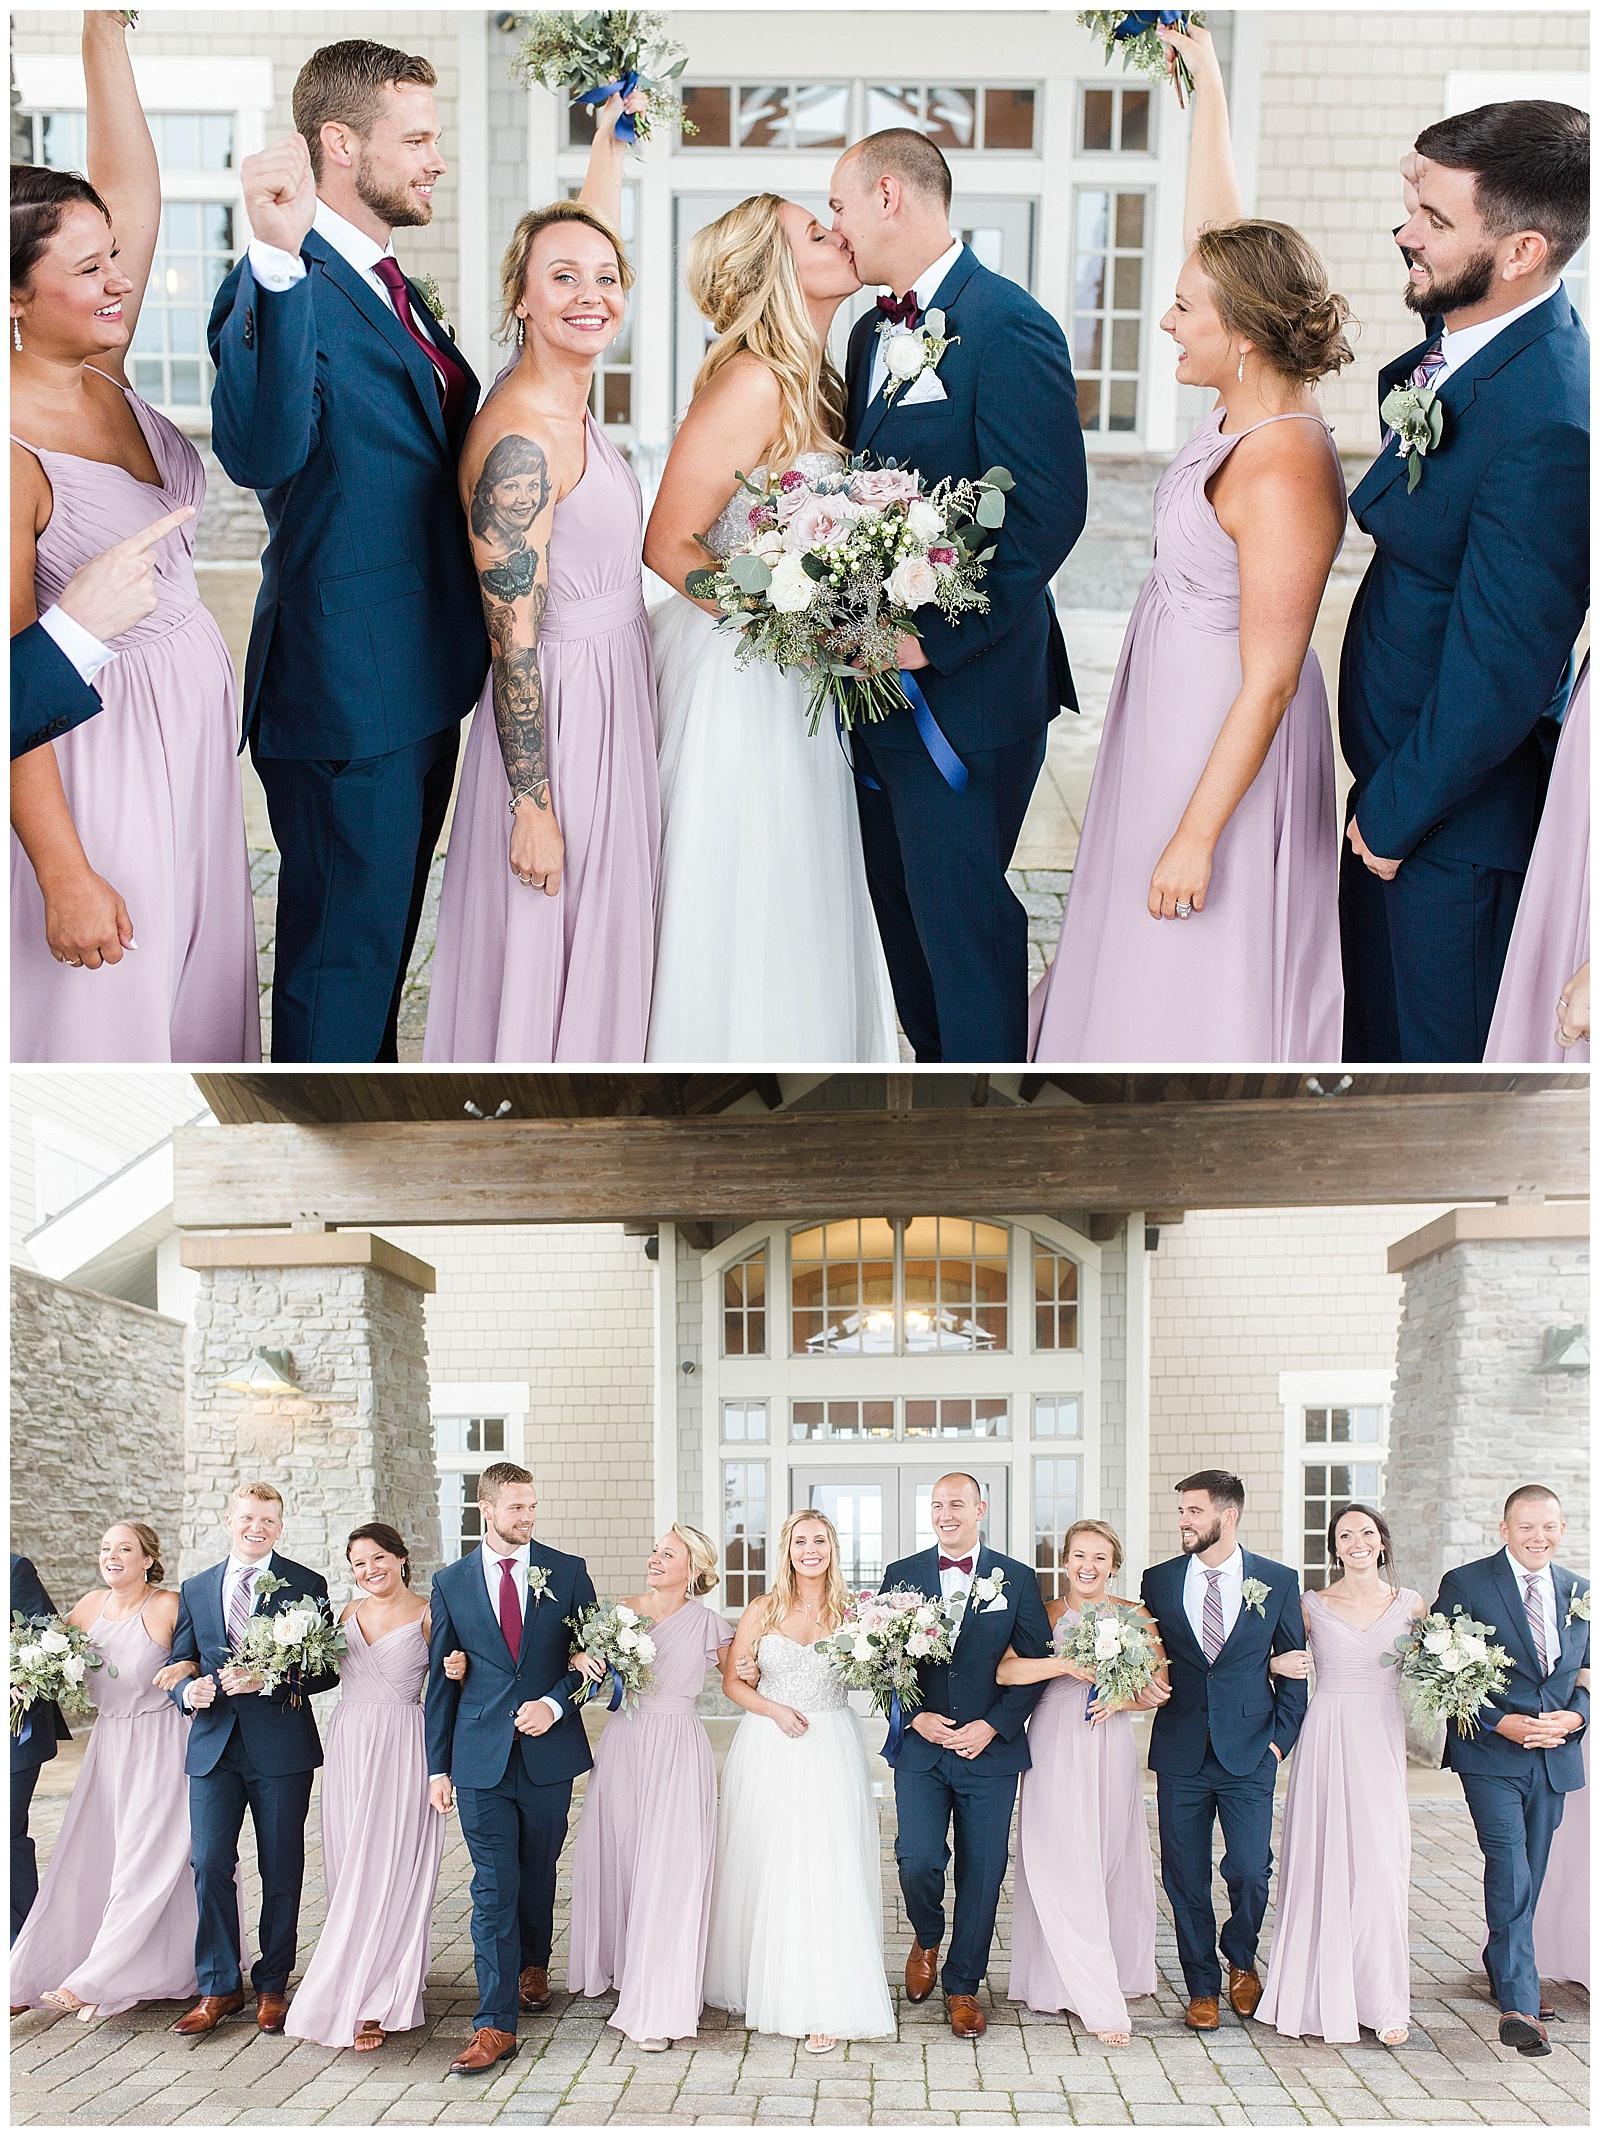 Saiko_Kara_Blakeman_Photography_Snowshoe_Wedding_Wv_2018_50